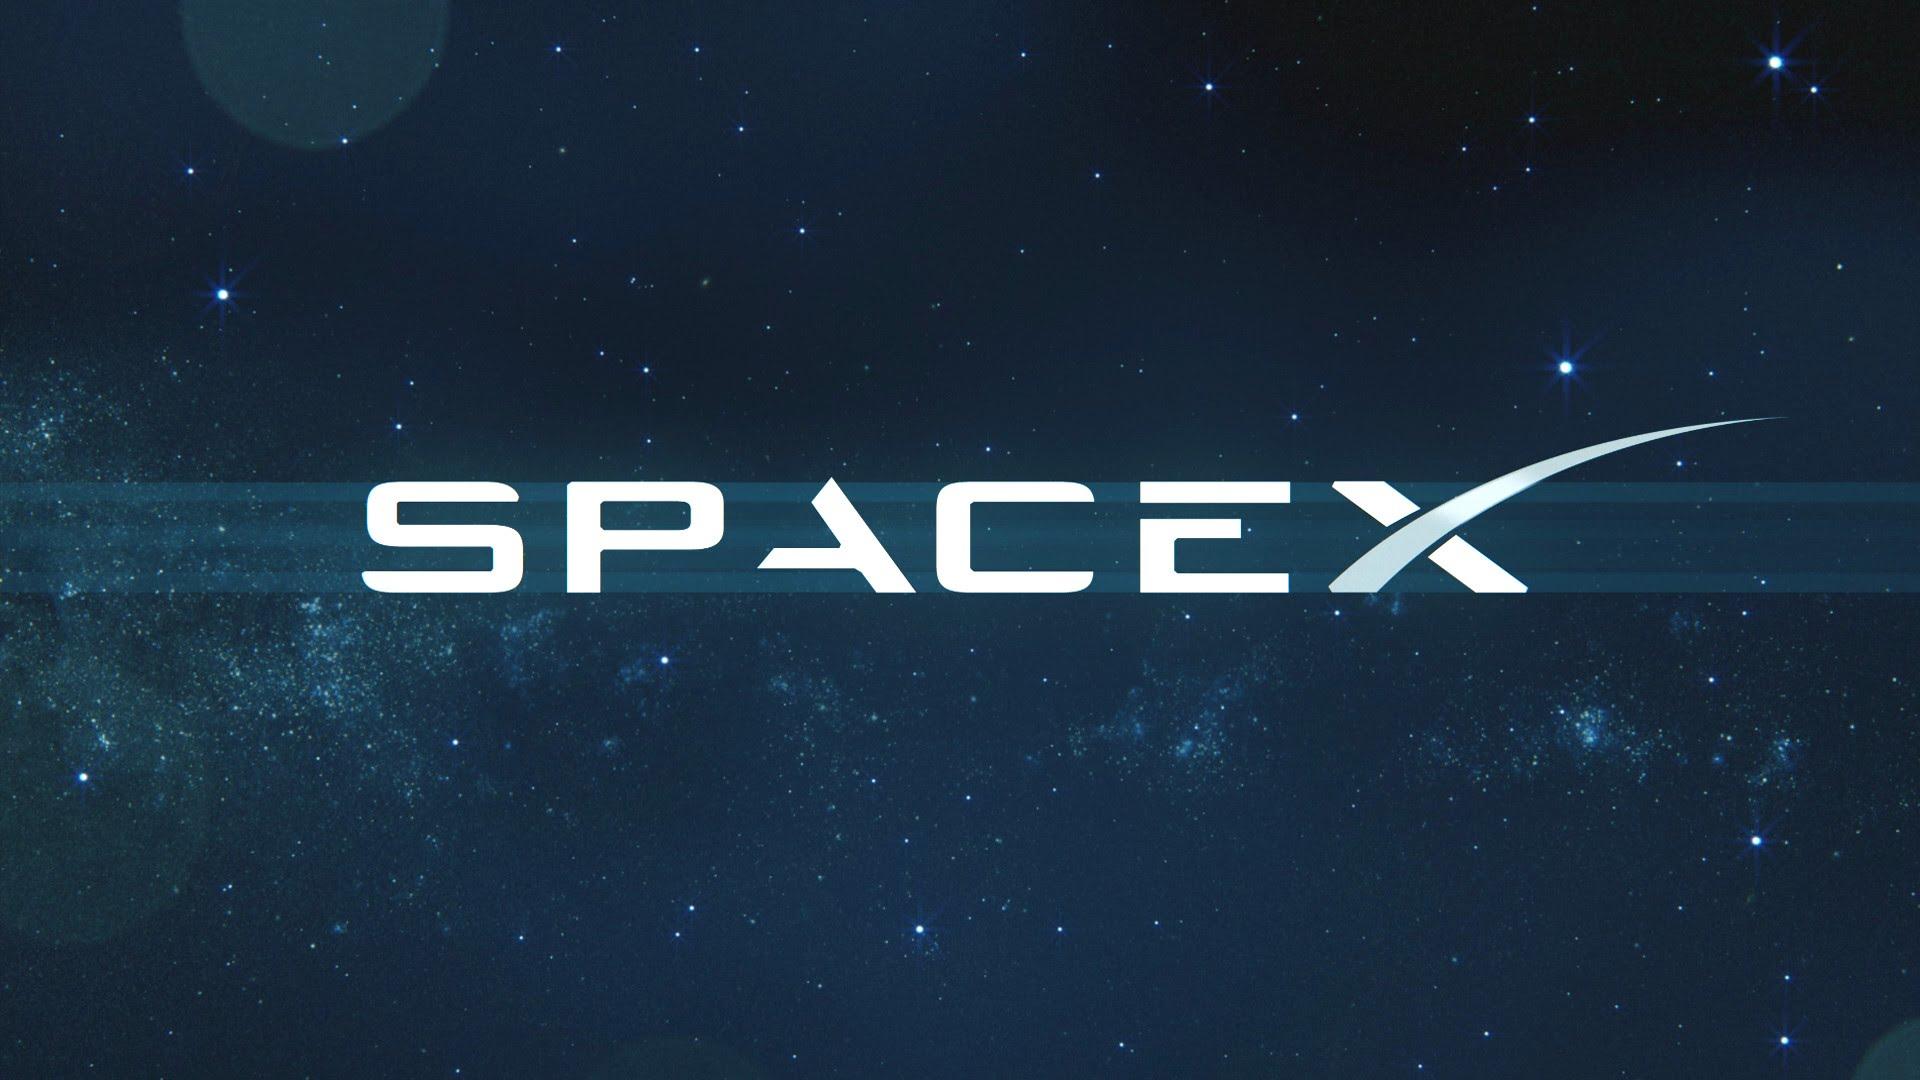 SpaceX переніс перший пілотований політ апарату Dragon на 2018 рік?